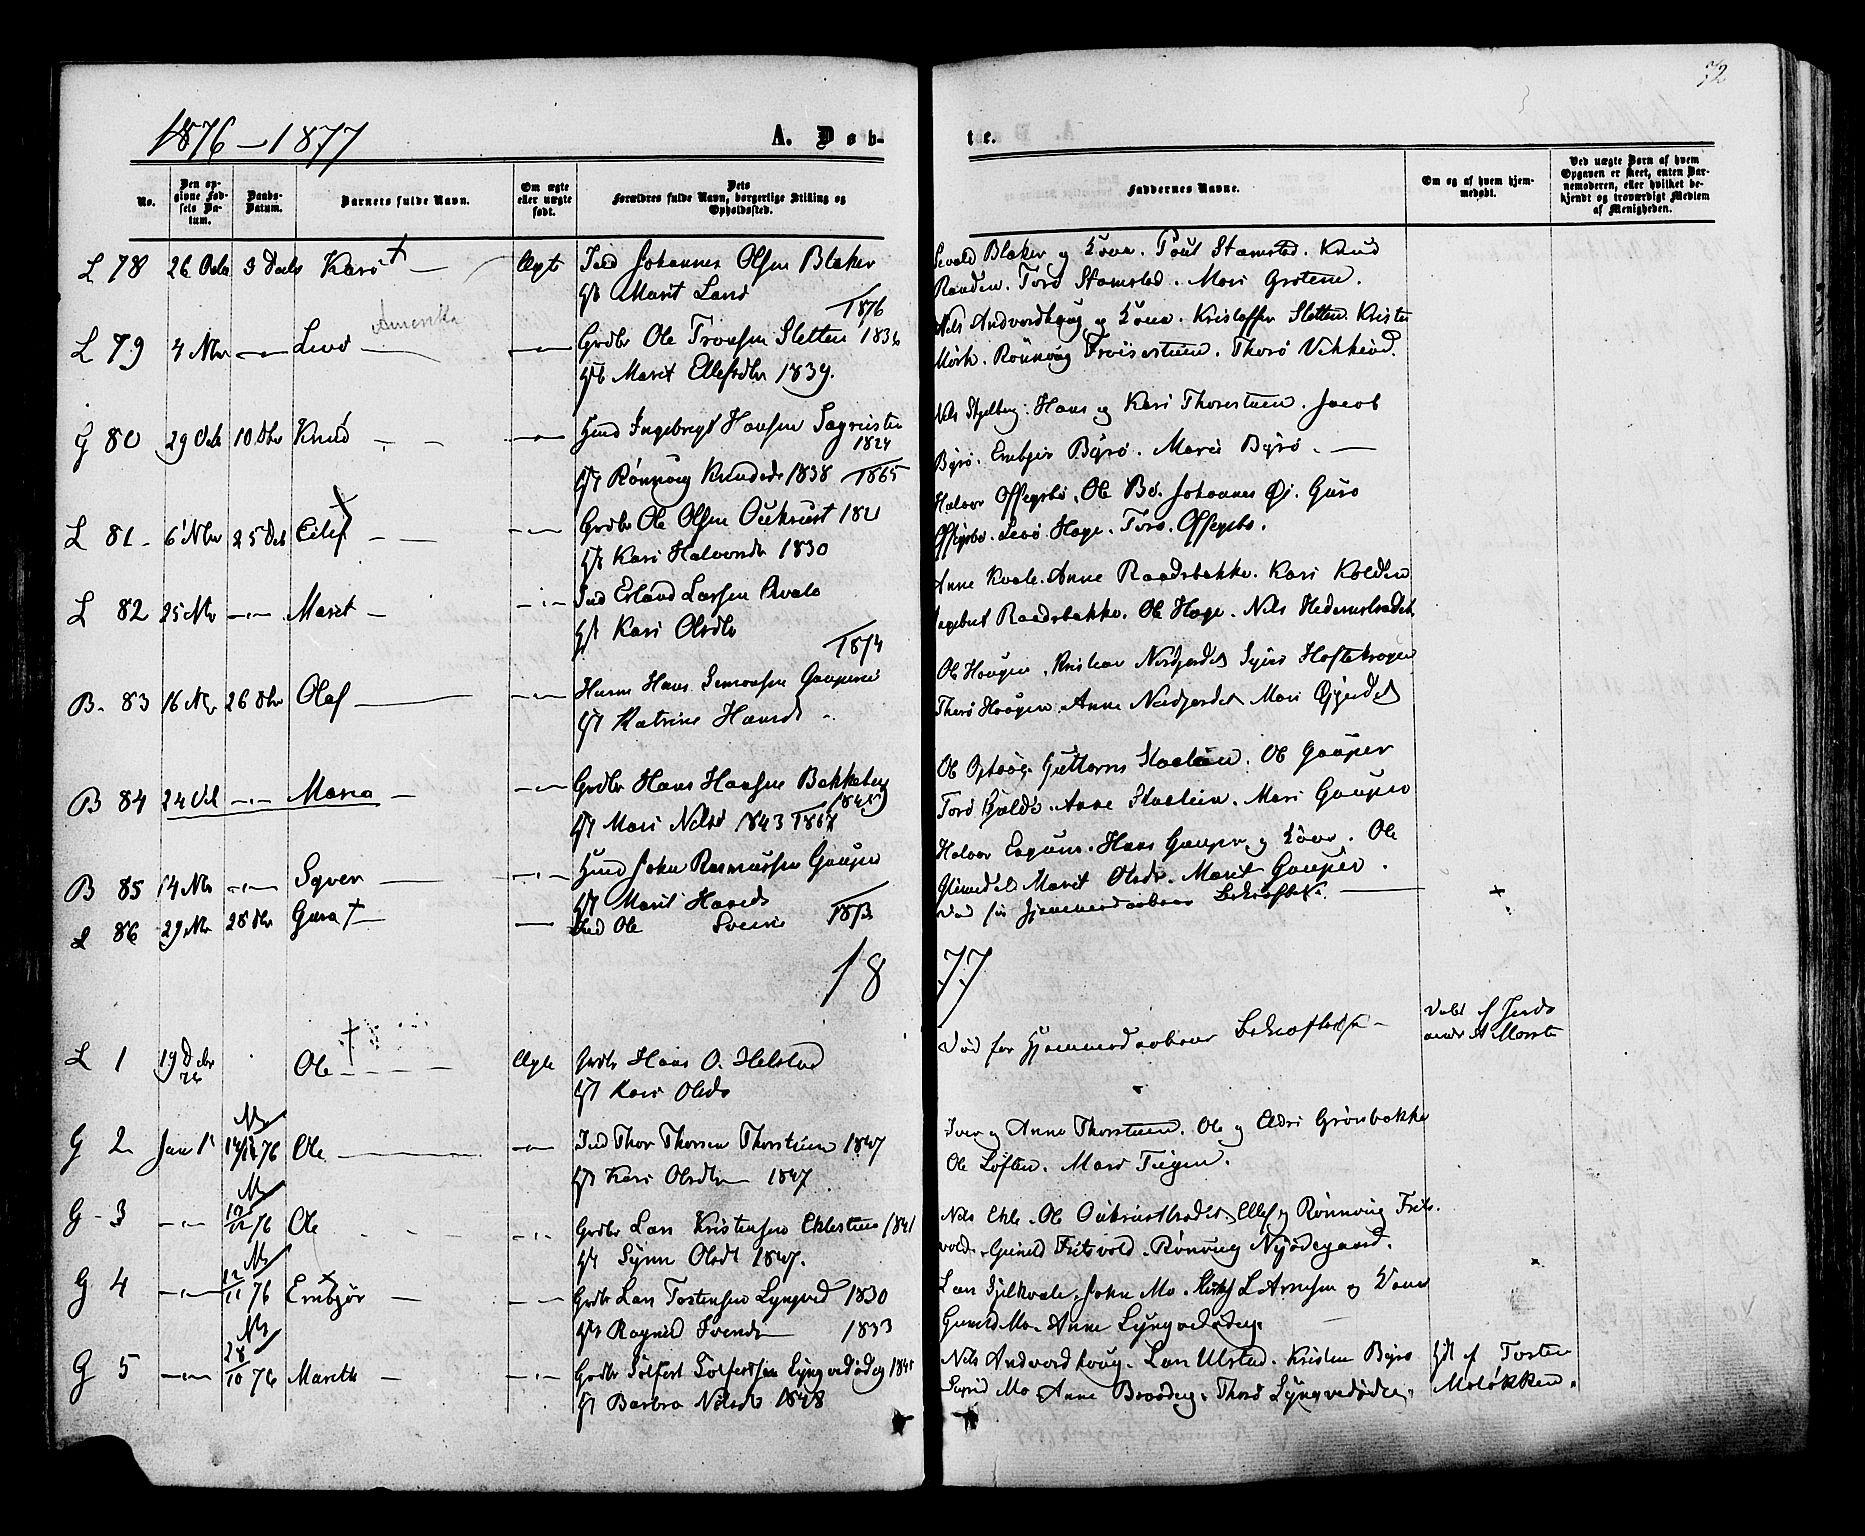 SAH, Lom prestekontor, K/L0007: Ministerialbok nr. 7, 1863-1884, s. 72